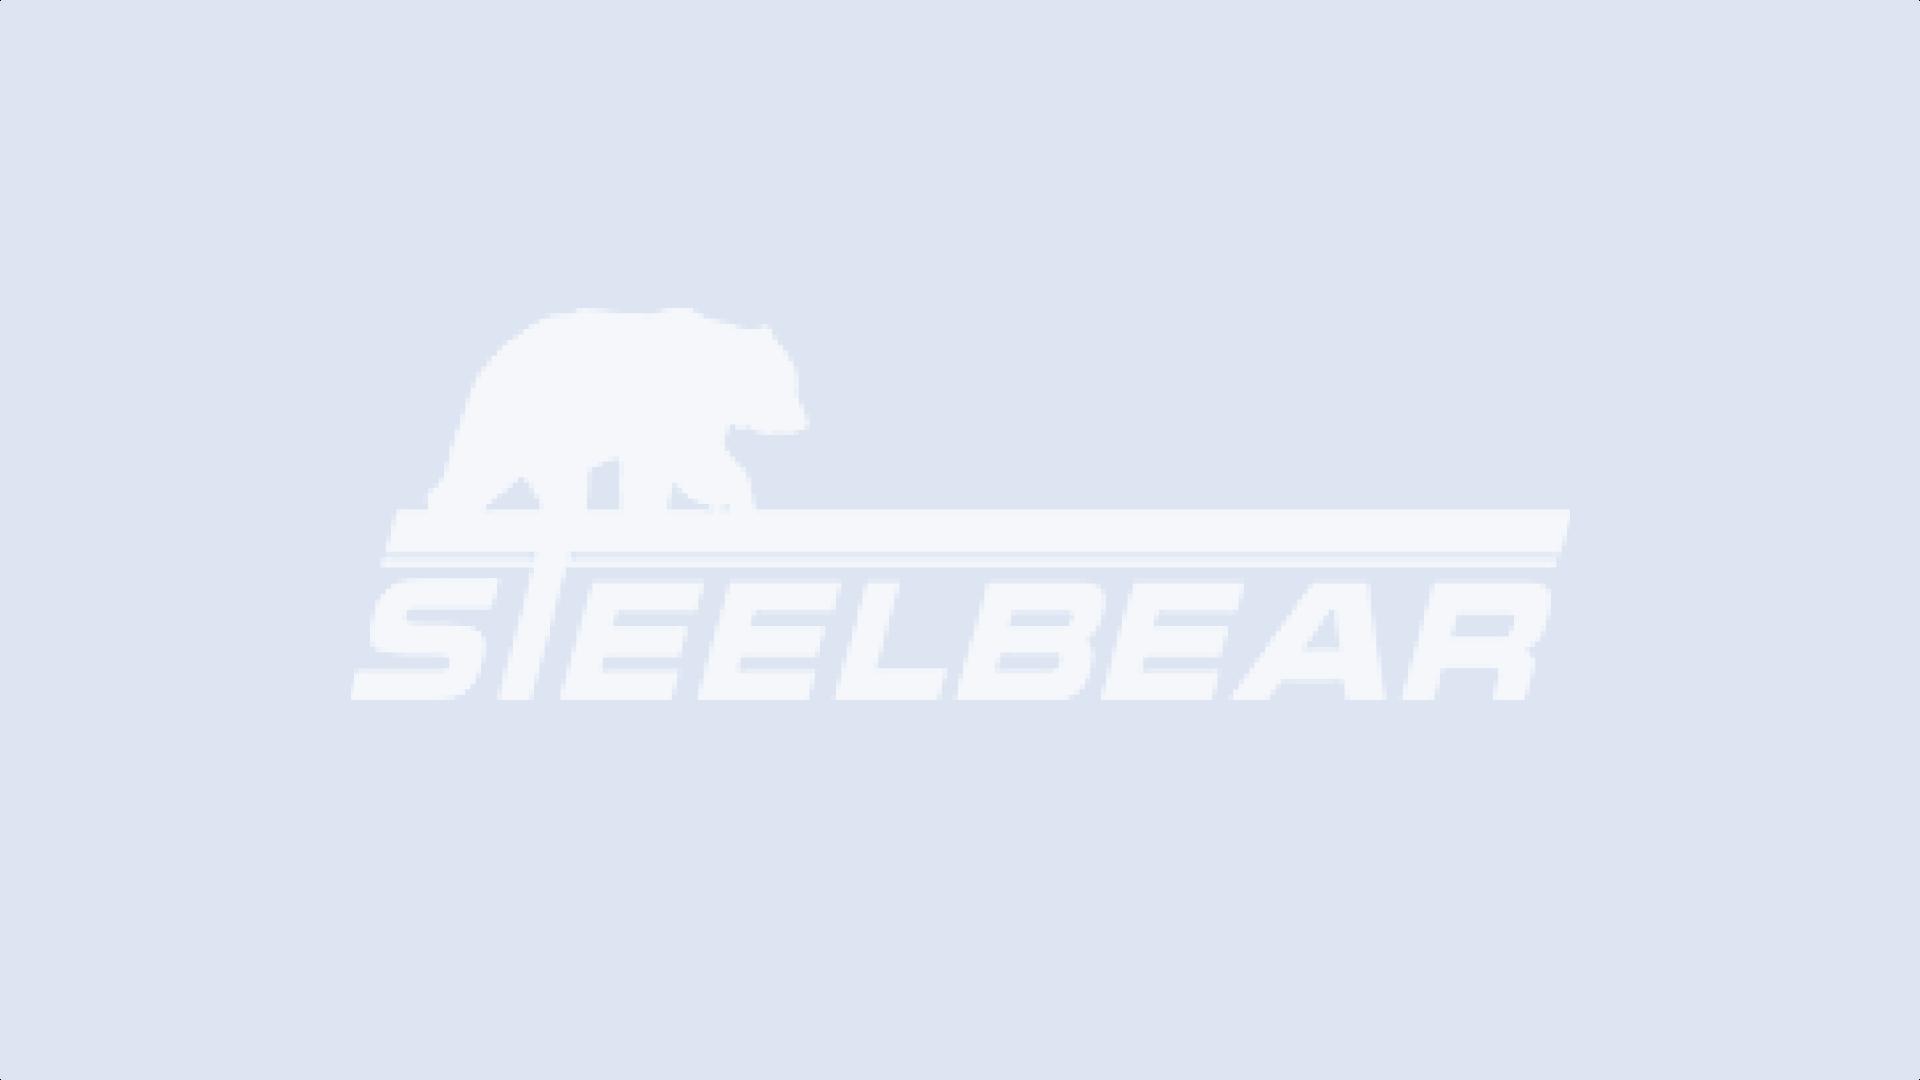 Полуприцепы STEELBEAR на 'АСМАП-2008'